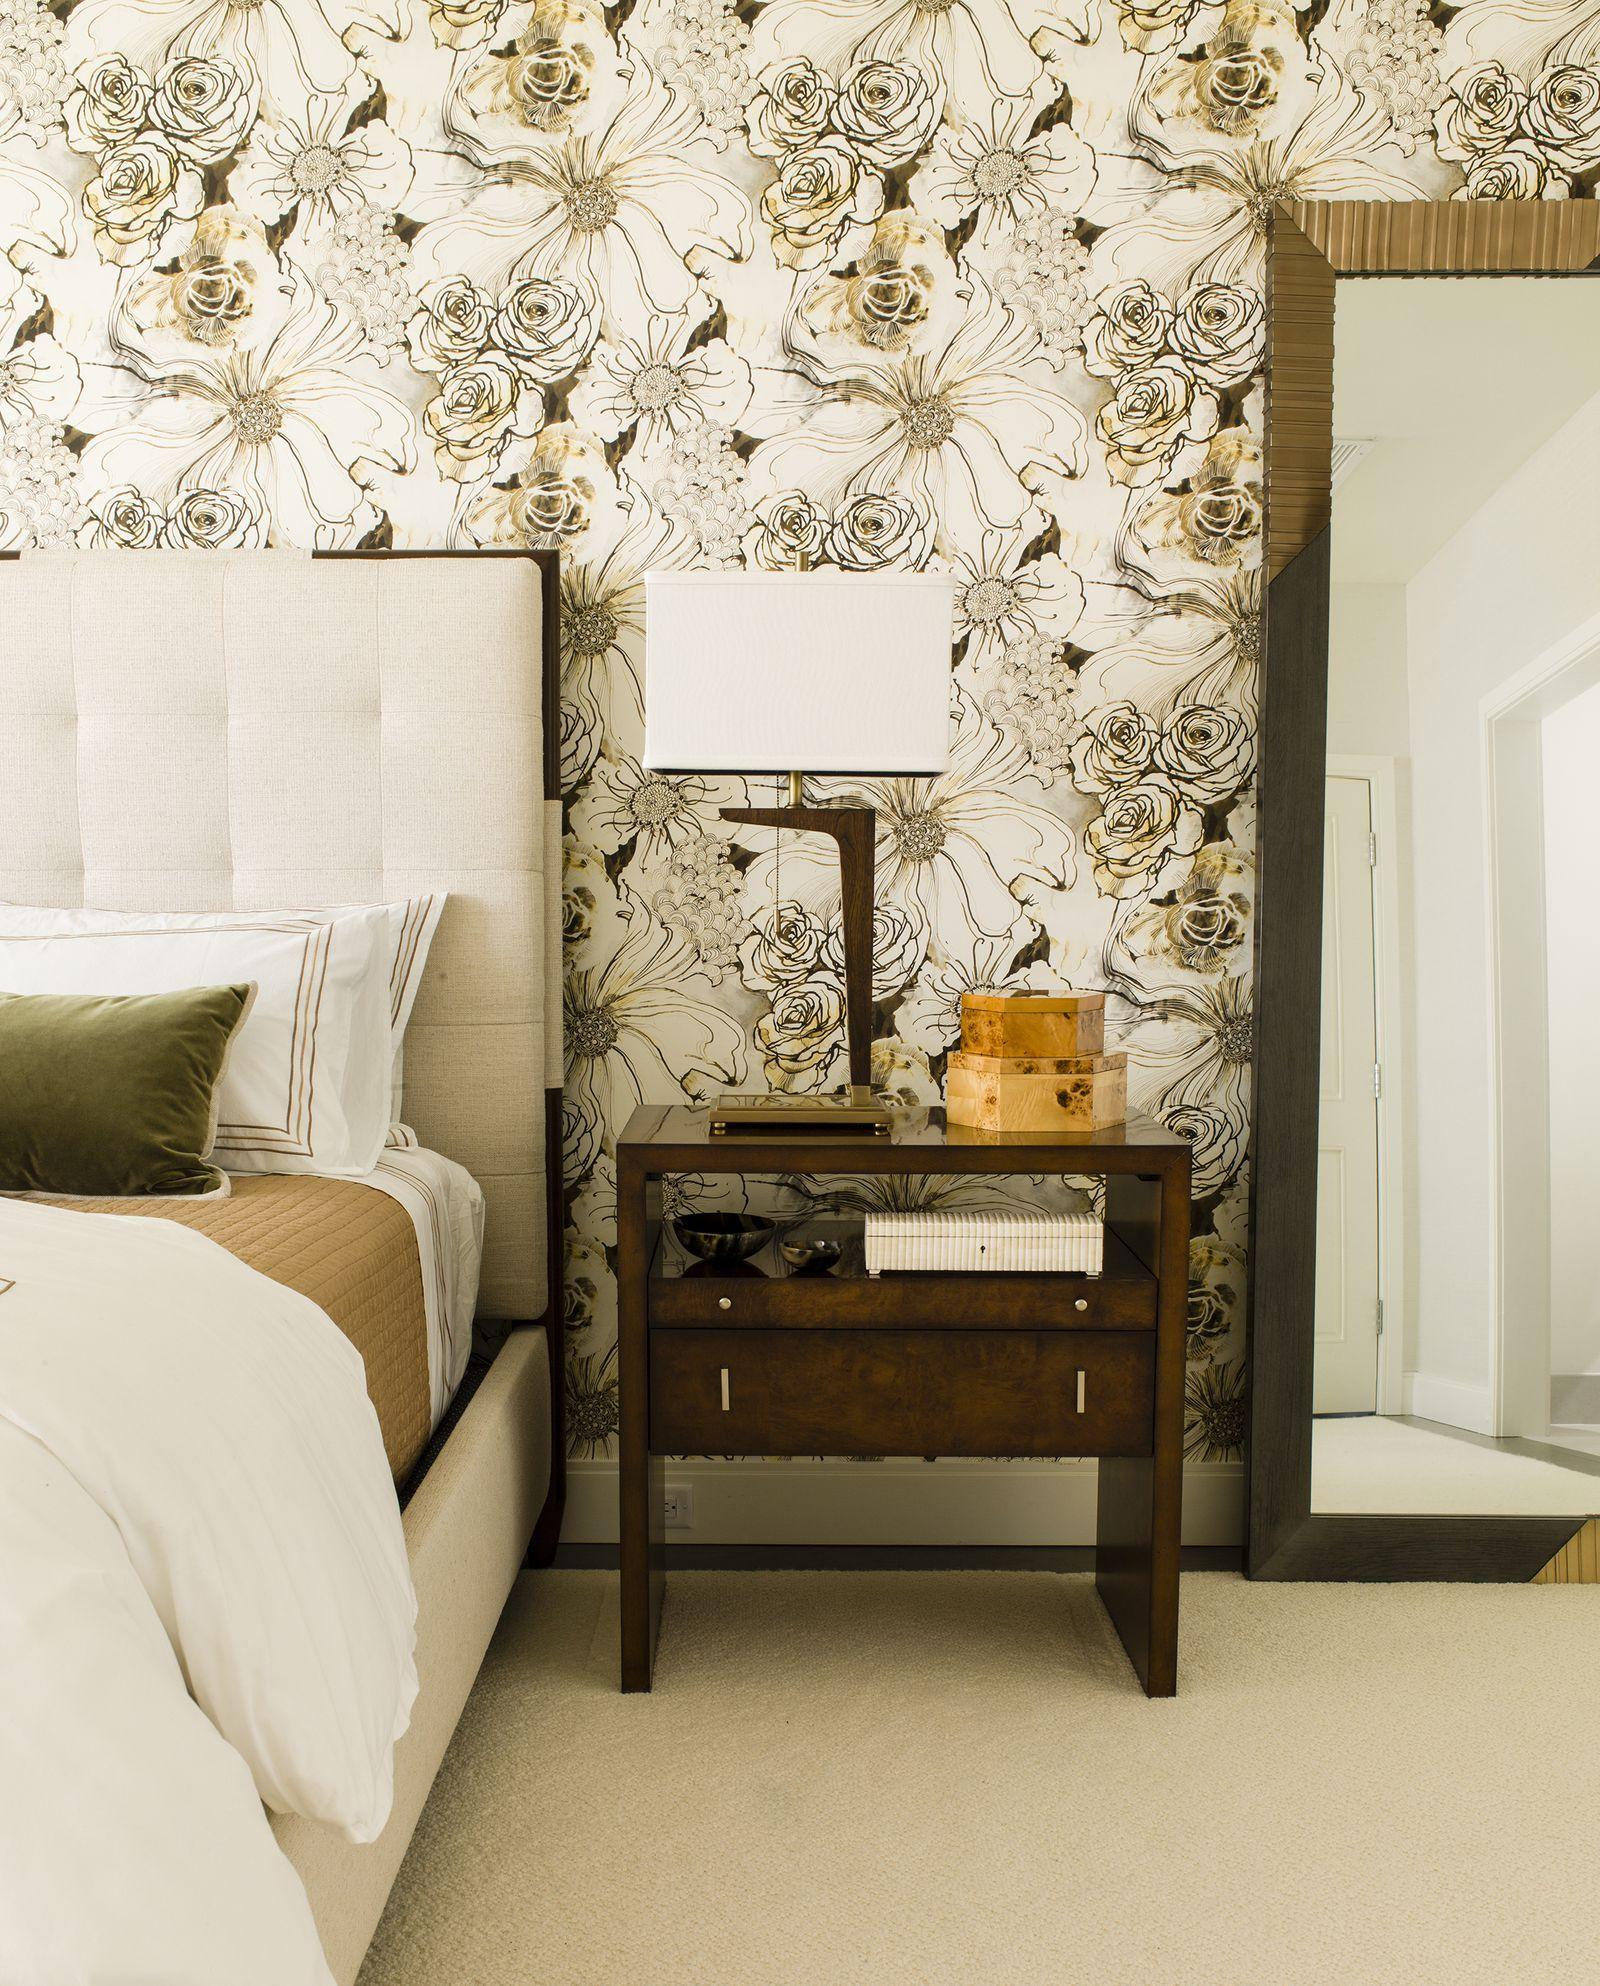 30 Bedrooms with Statement Wallpaper | Wallpaper design ...